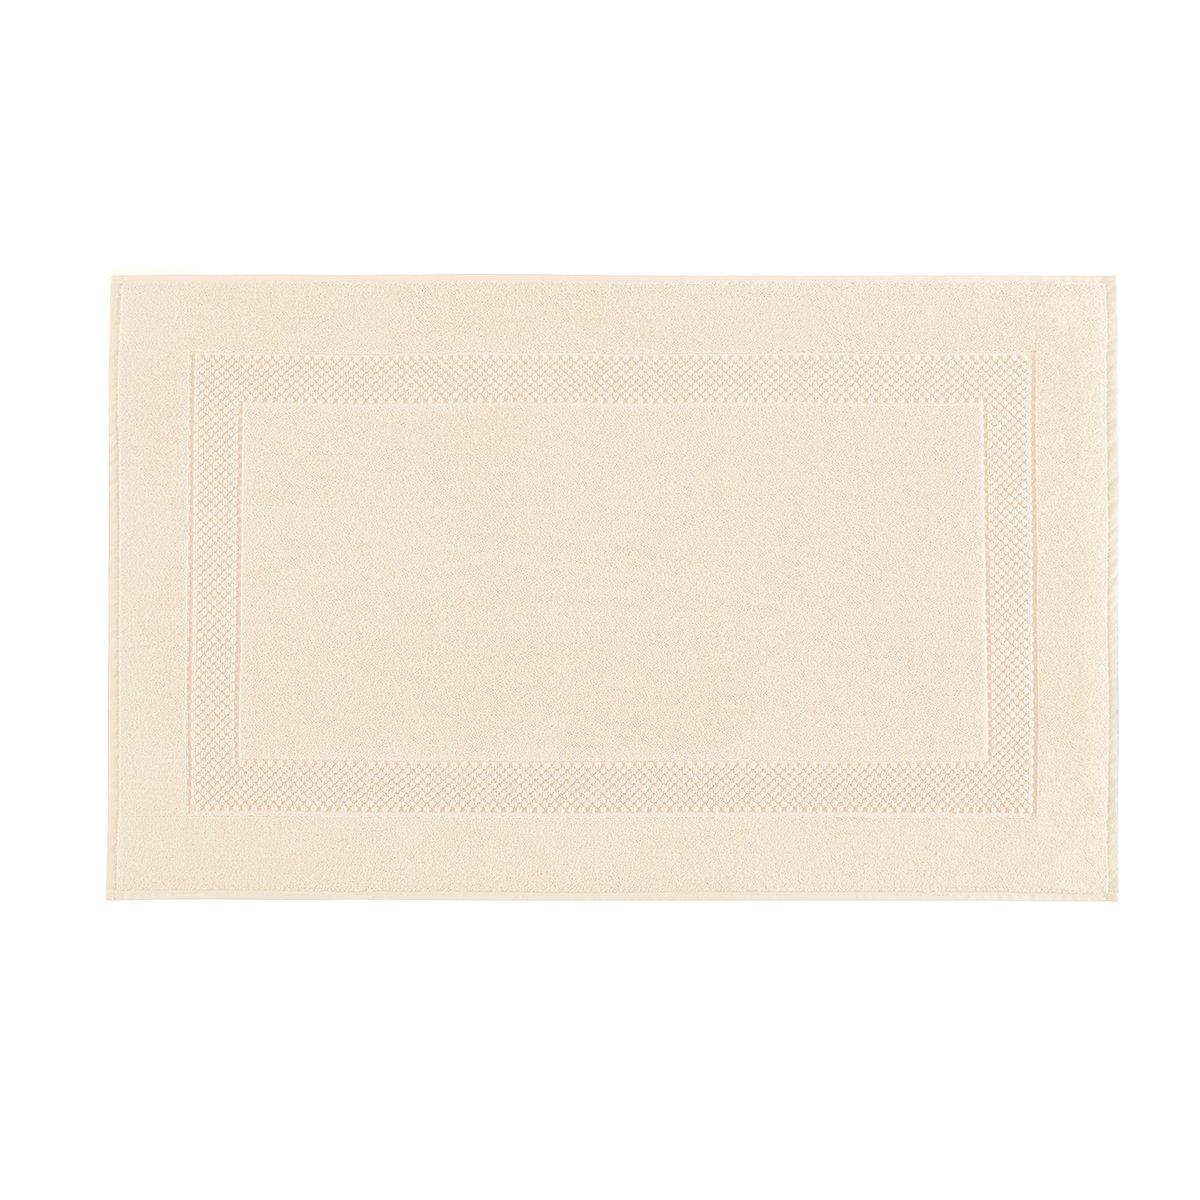 Tapis de bain coton 60x80 cm chèvrefeuille